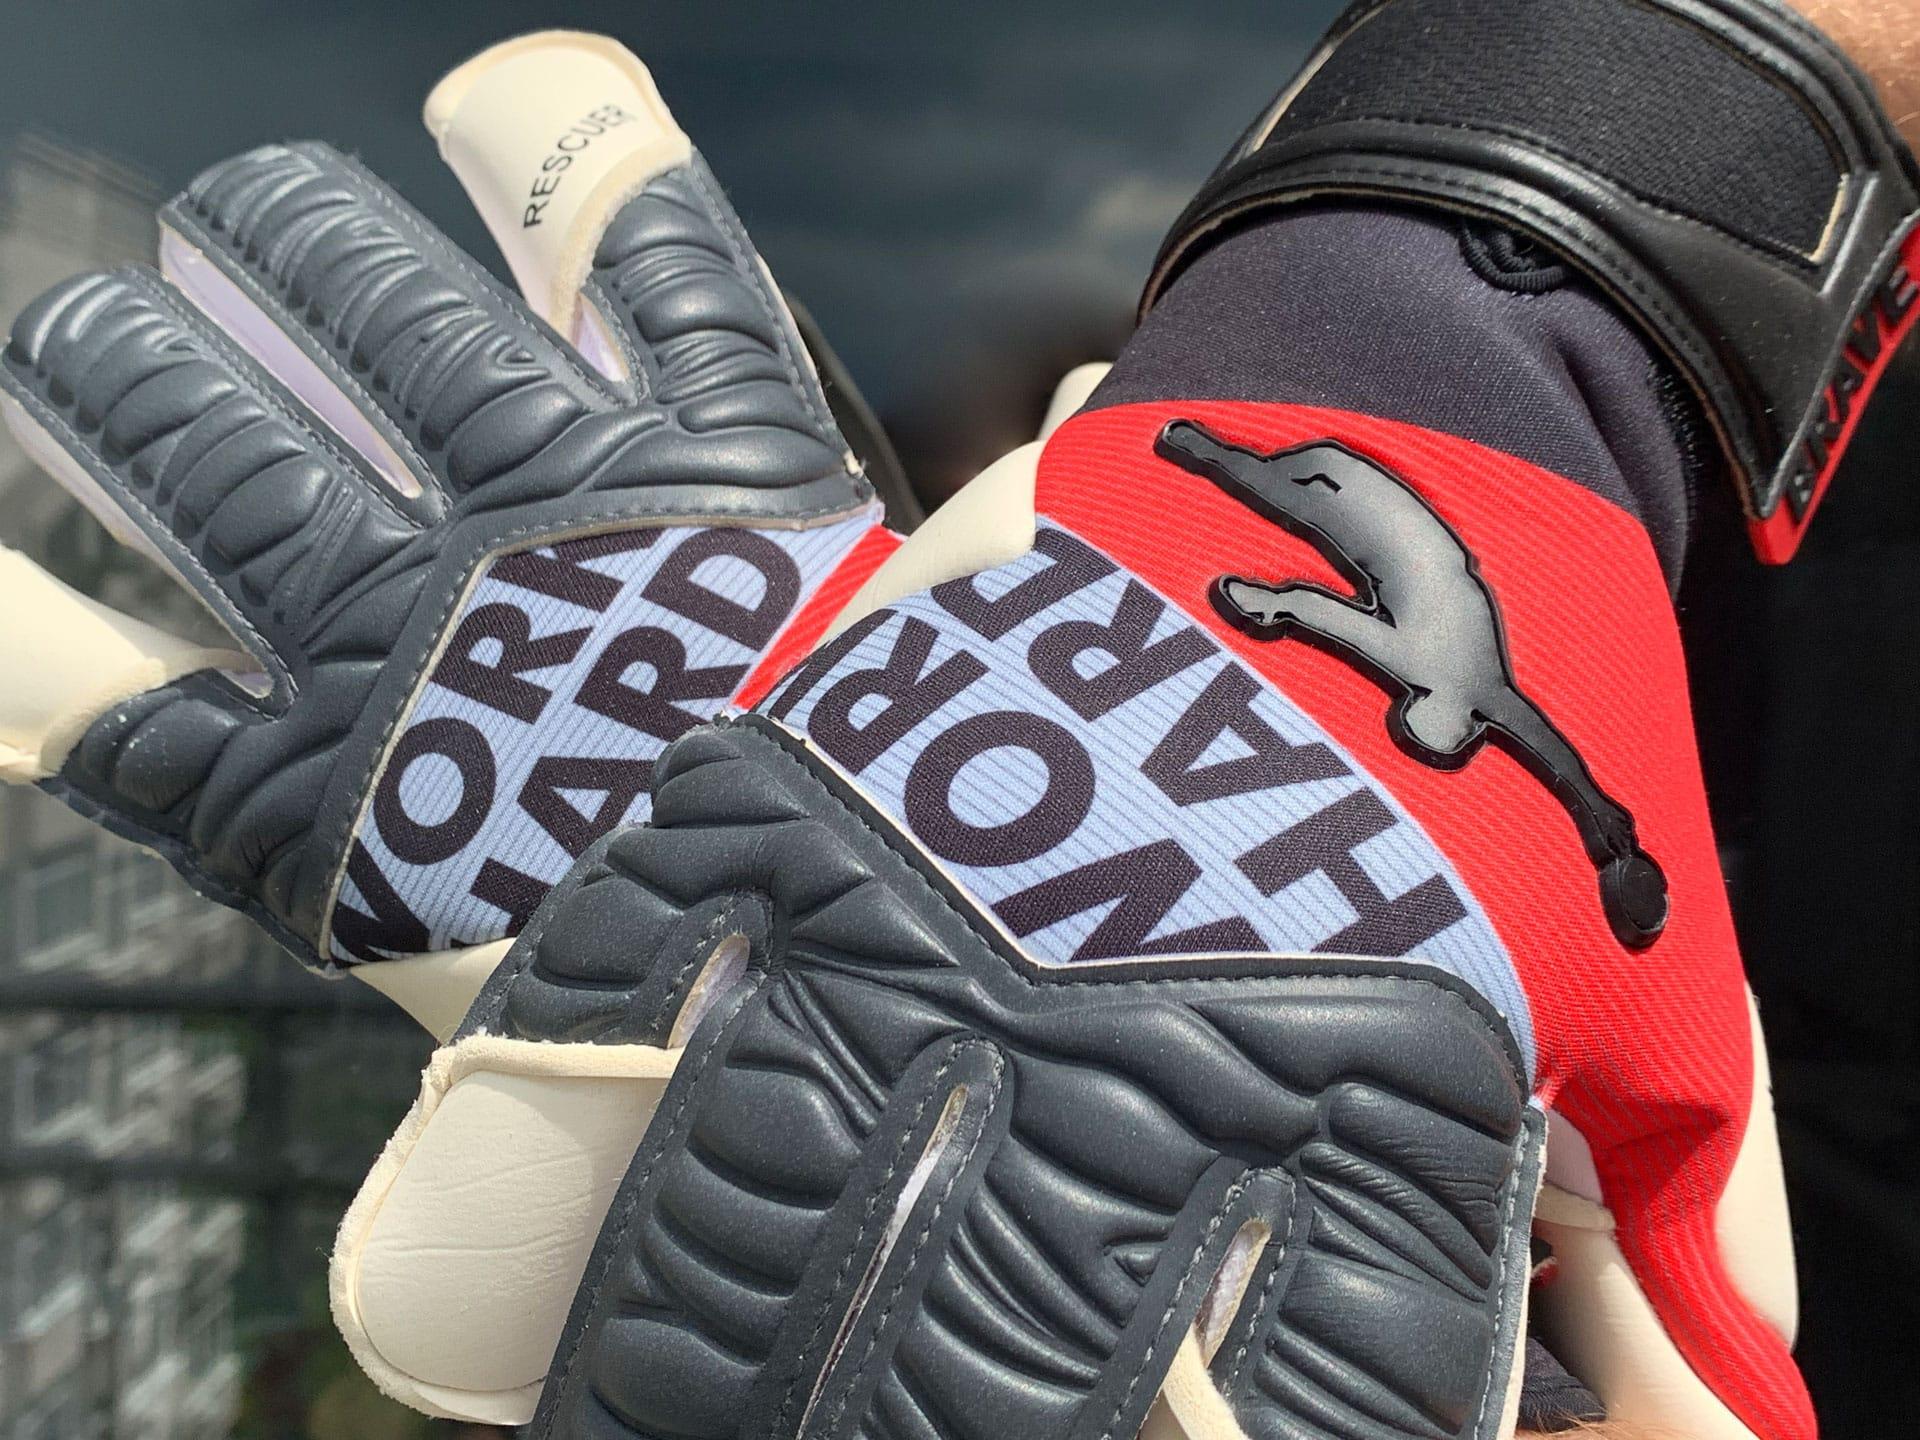 Creating Brave GK goalkeeping gloves Brave GK